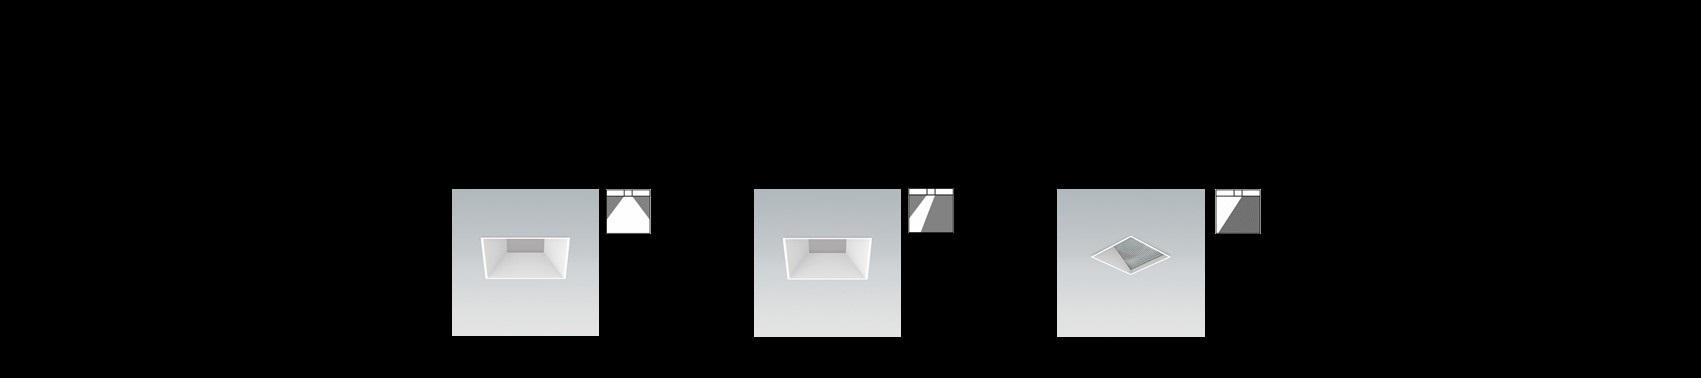 17a.afb-header-lucent-lighting-plus-pyramidal-trimless-zwart-website